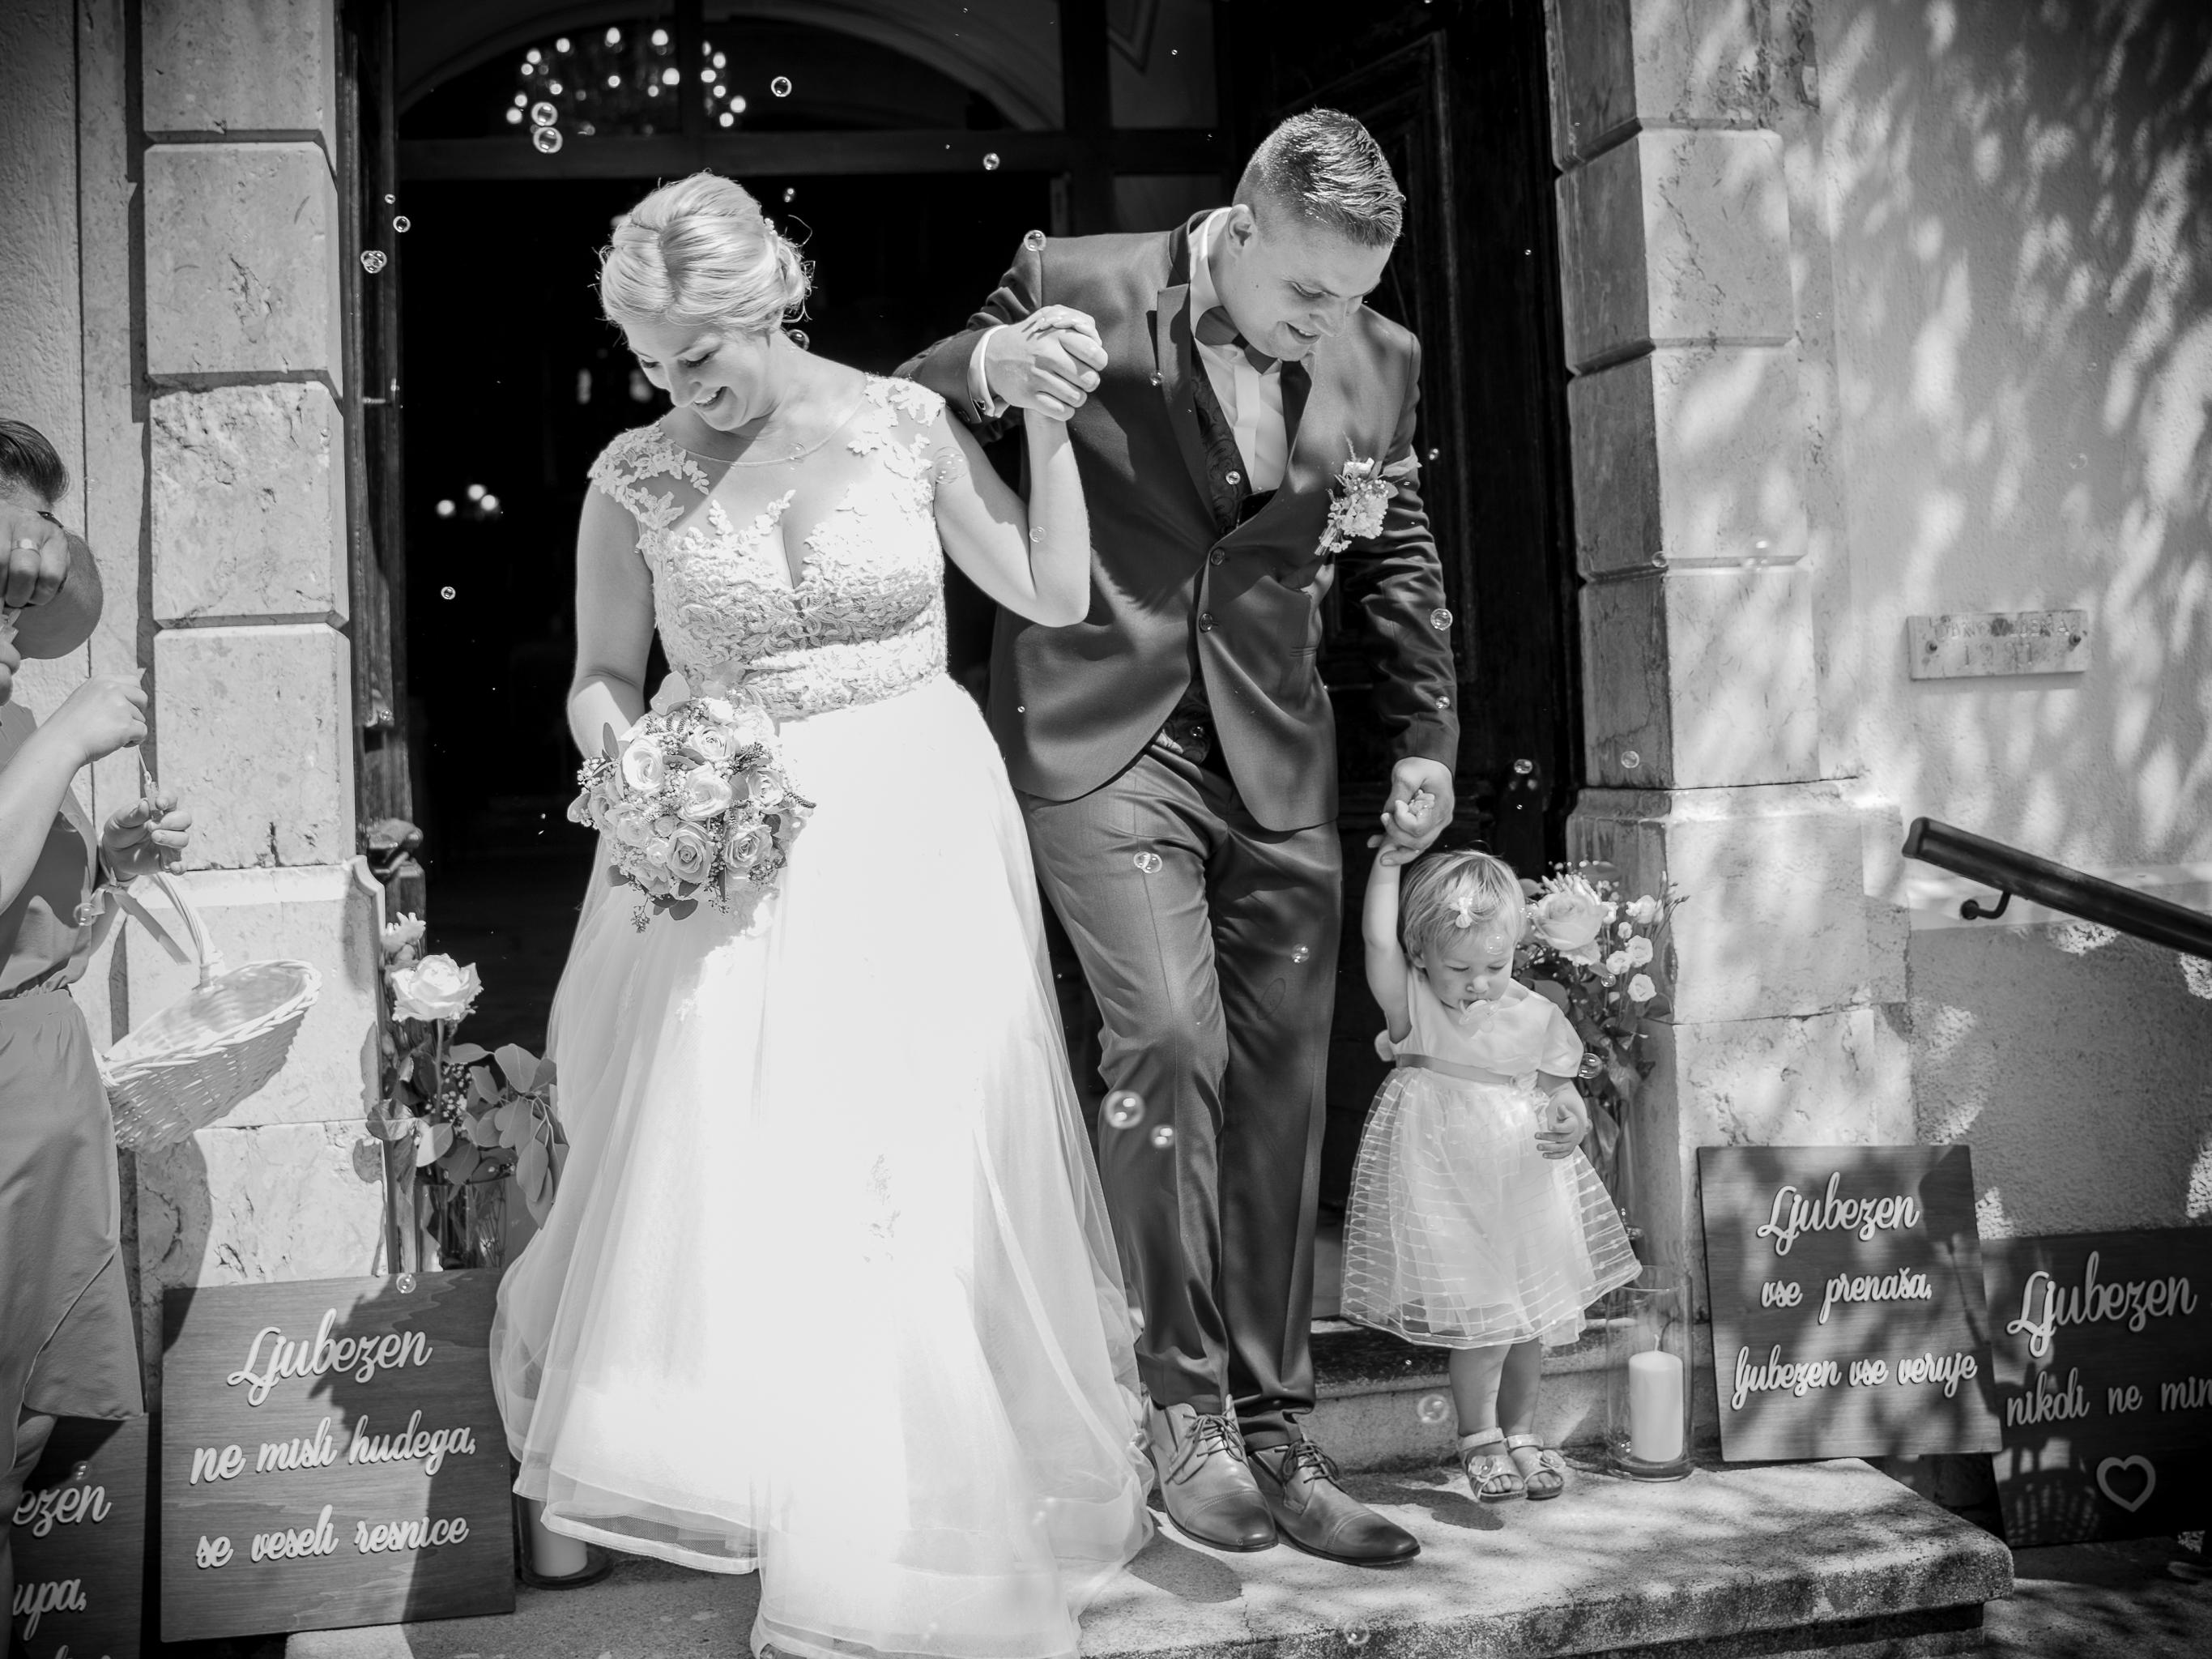 wedding (4 of 16)